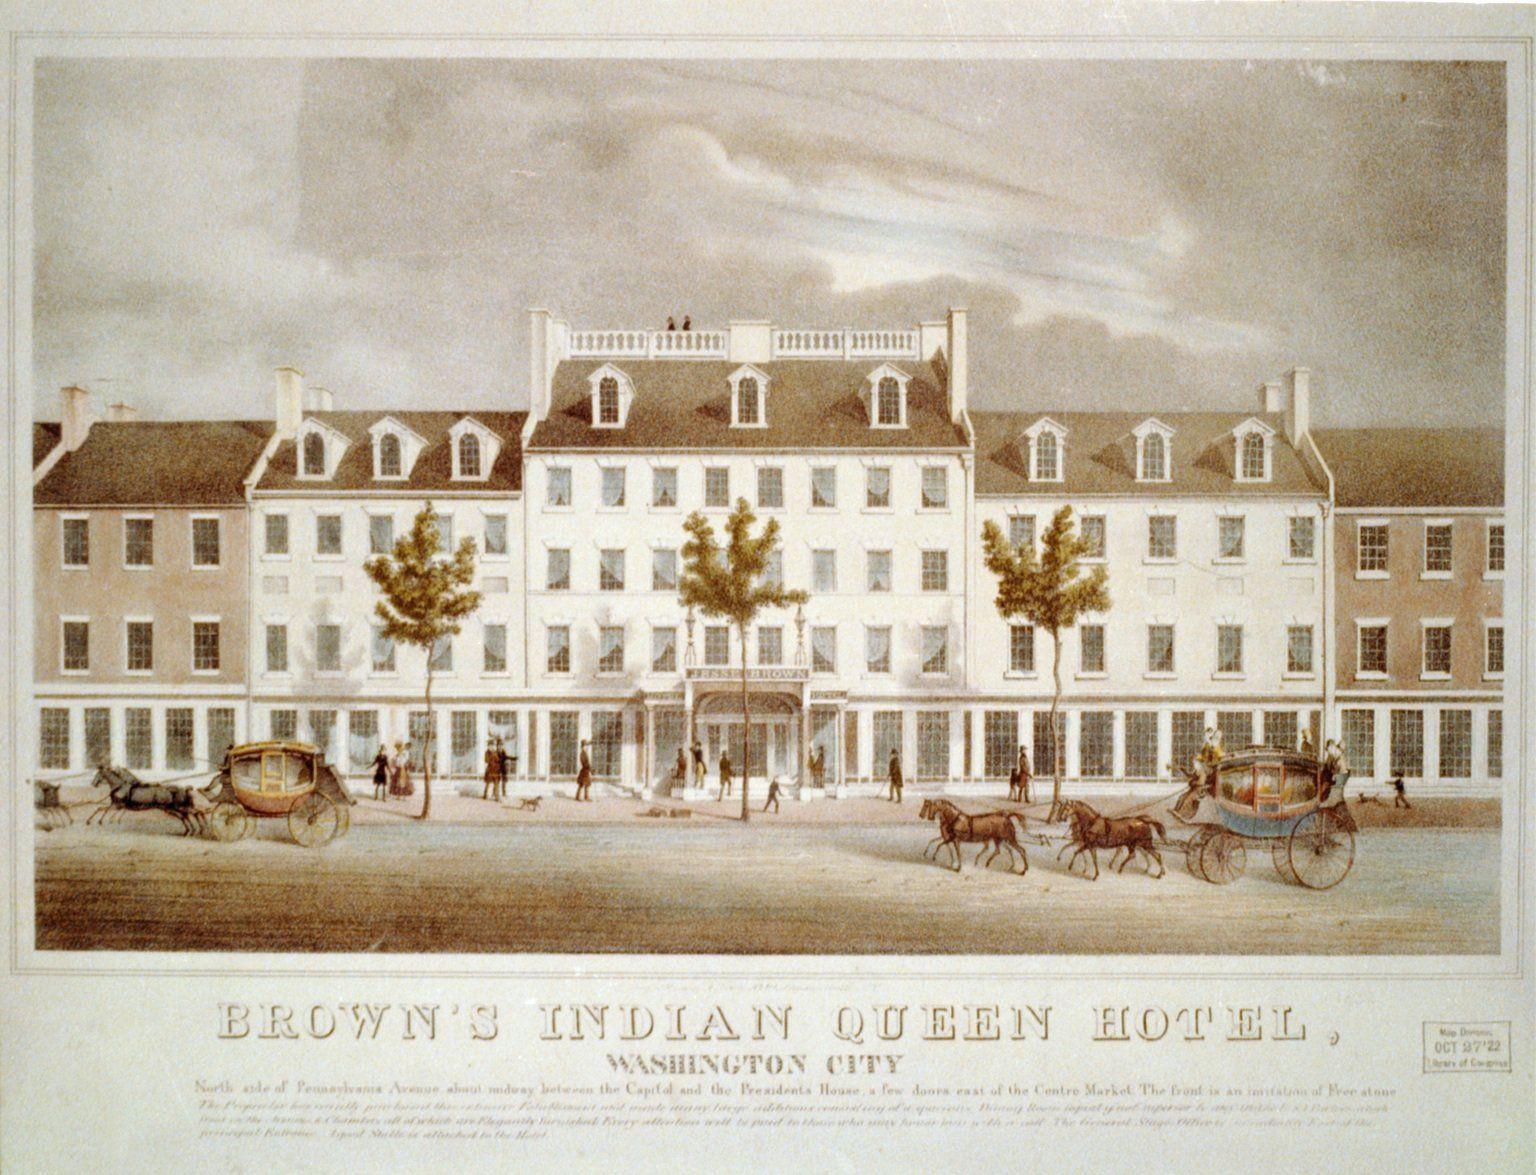 Brown S Indian Queen Hotel On Pennsylvania Avenue Queens Hotel